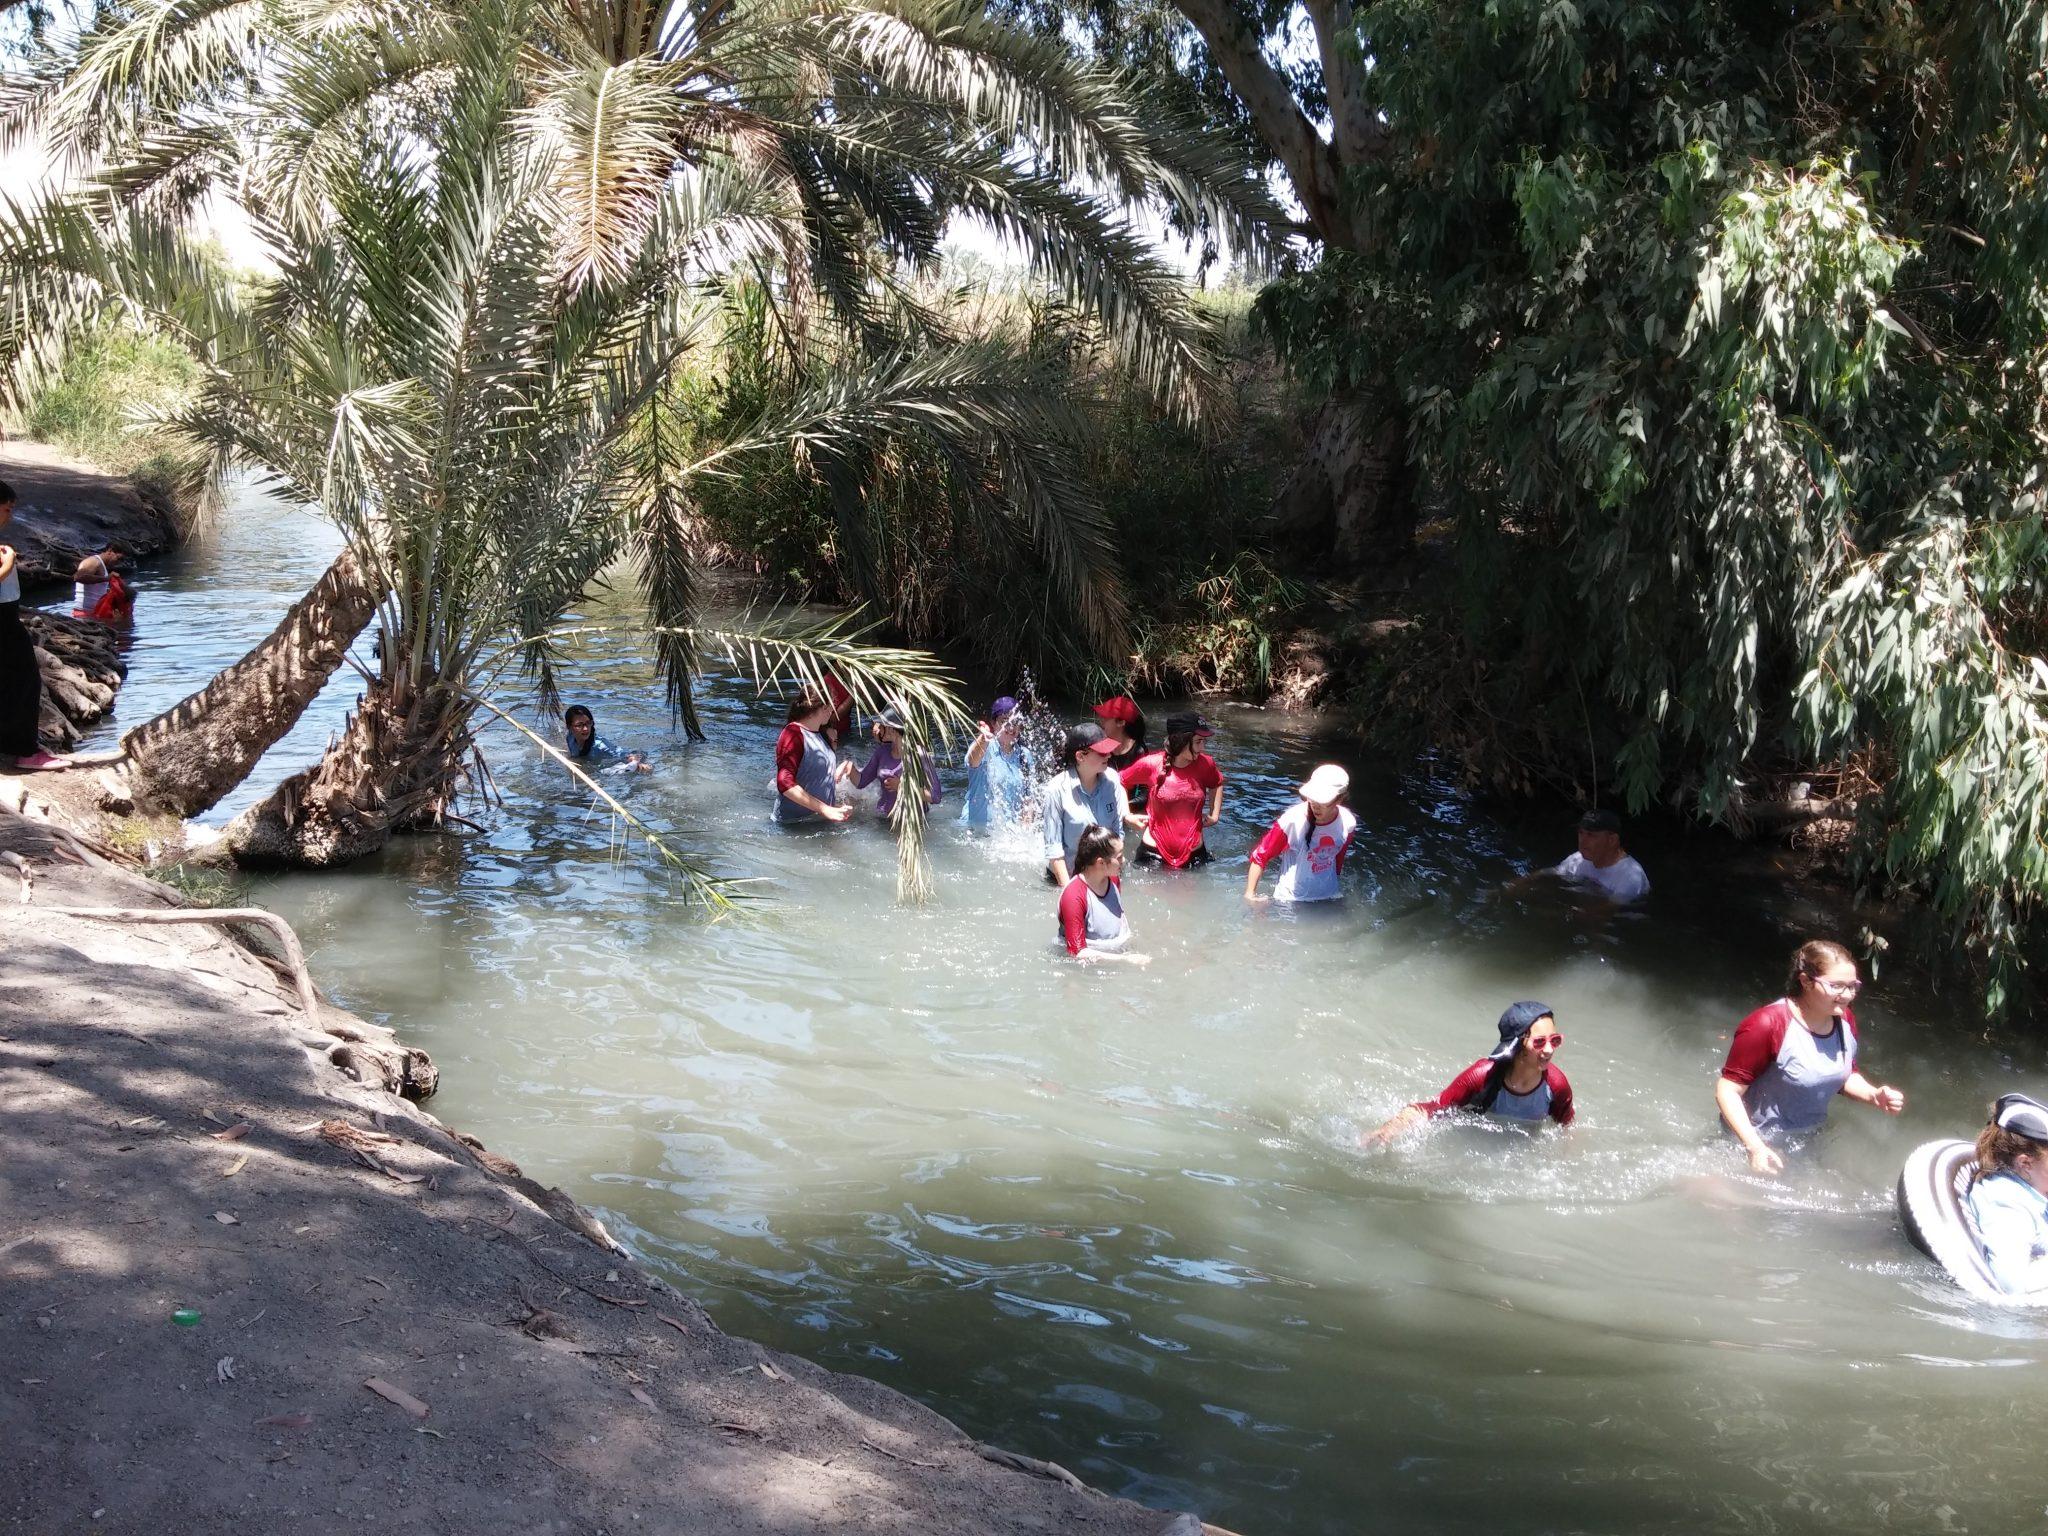 טיולי קיץ בנחל קיבוצים